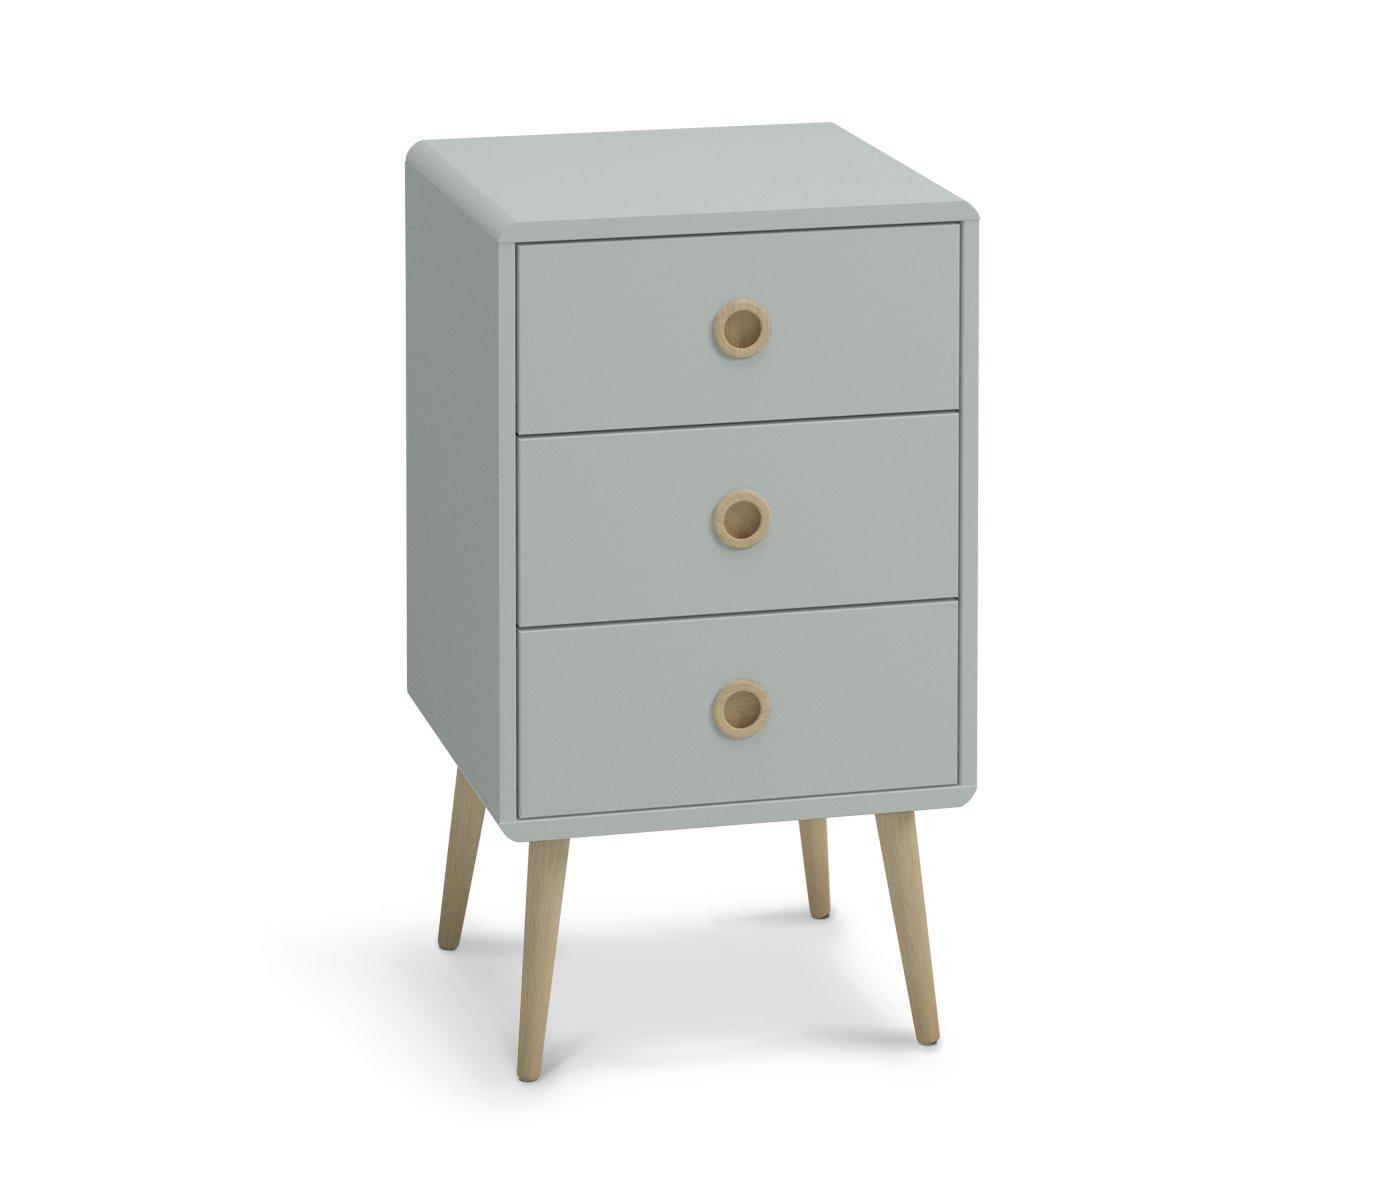 Argos Home Softline 3 Drawer Bedside Cabinet - Grey